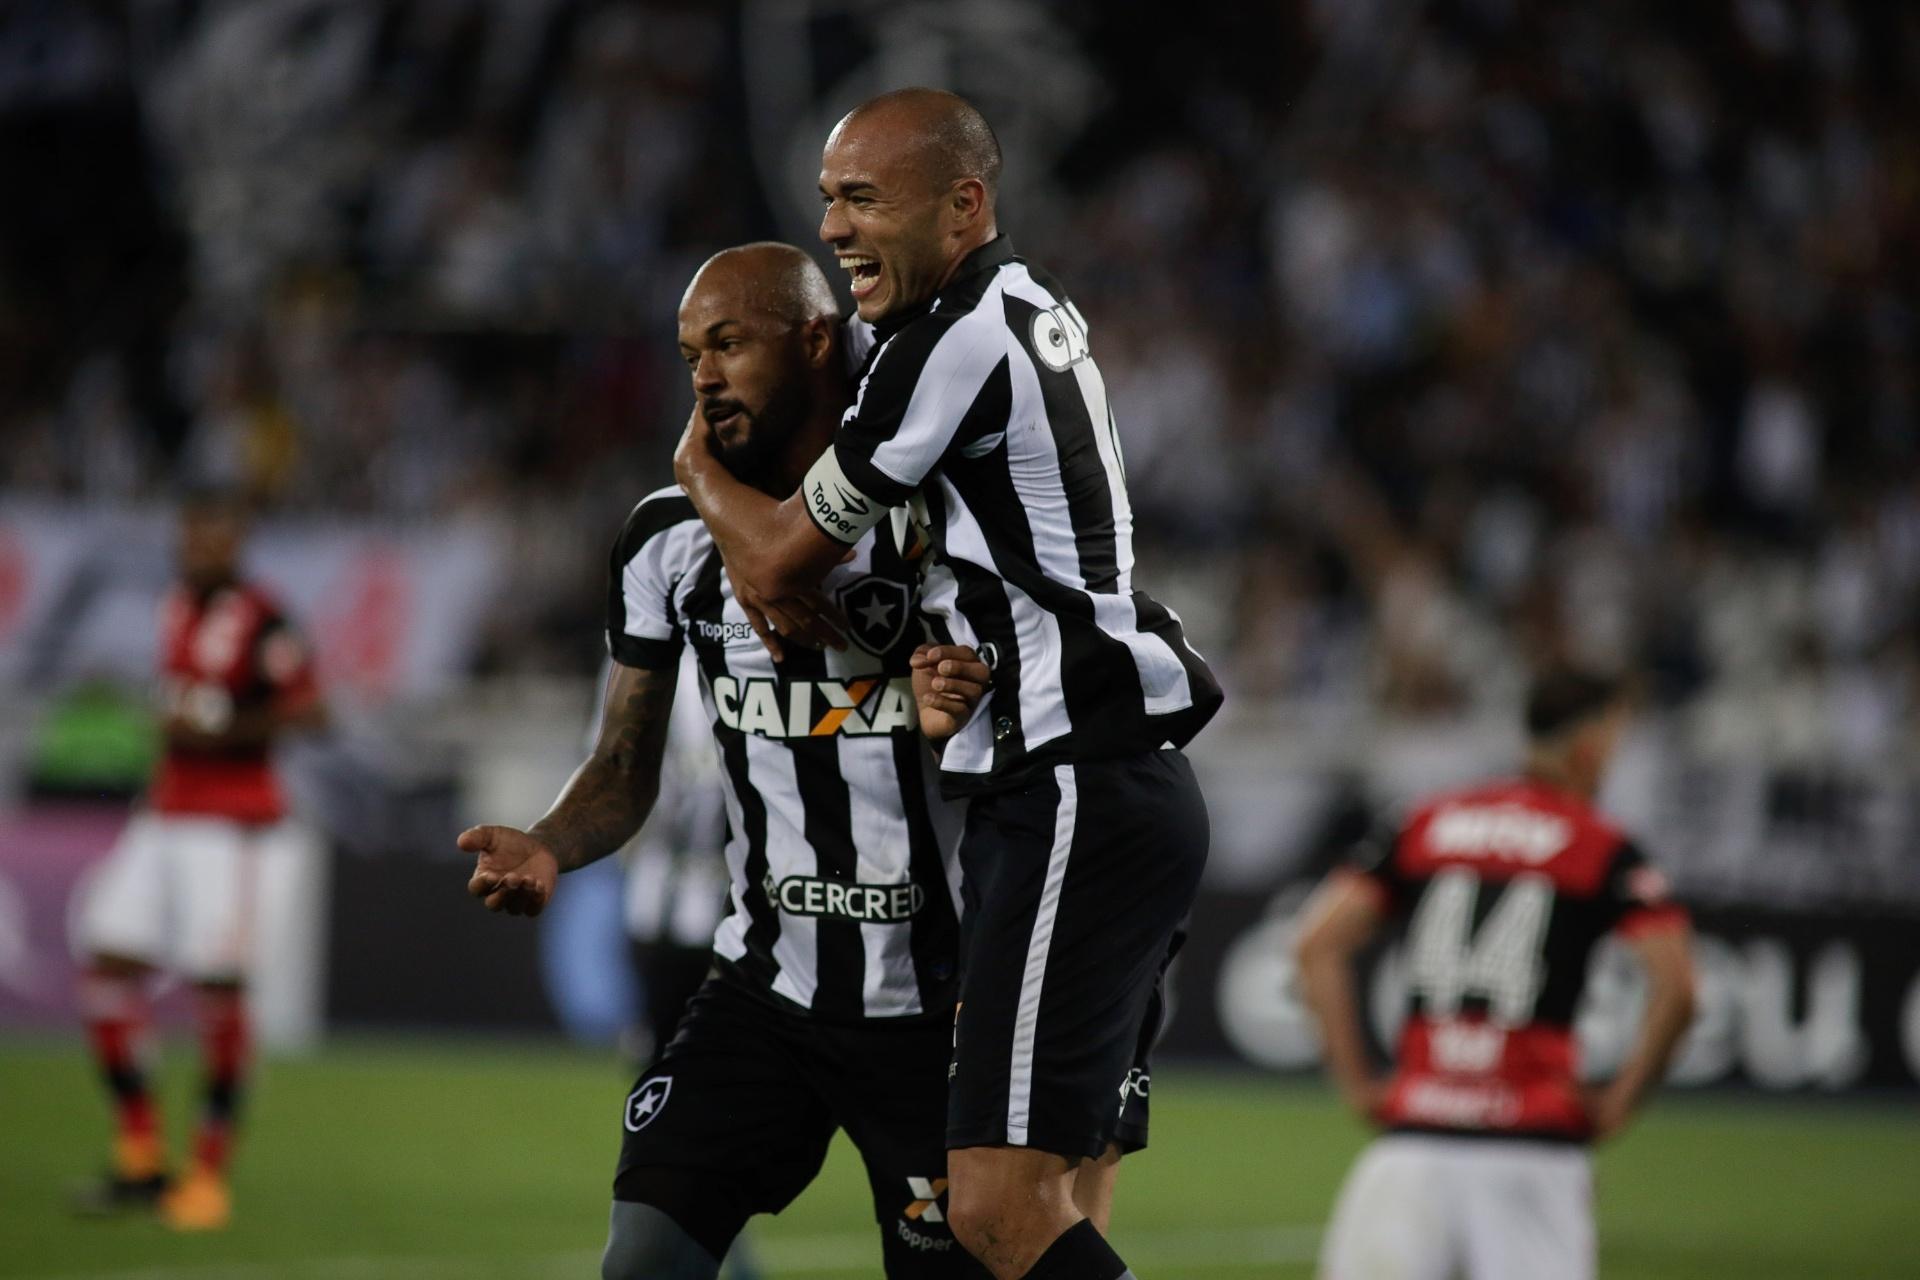 4d6eabc7e2 Inter supera Corinthians e acerta com Roger por dois anos - 20 11 2017 -  UOL Esporte